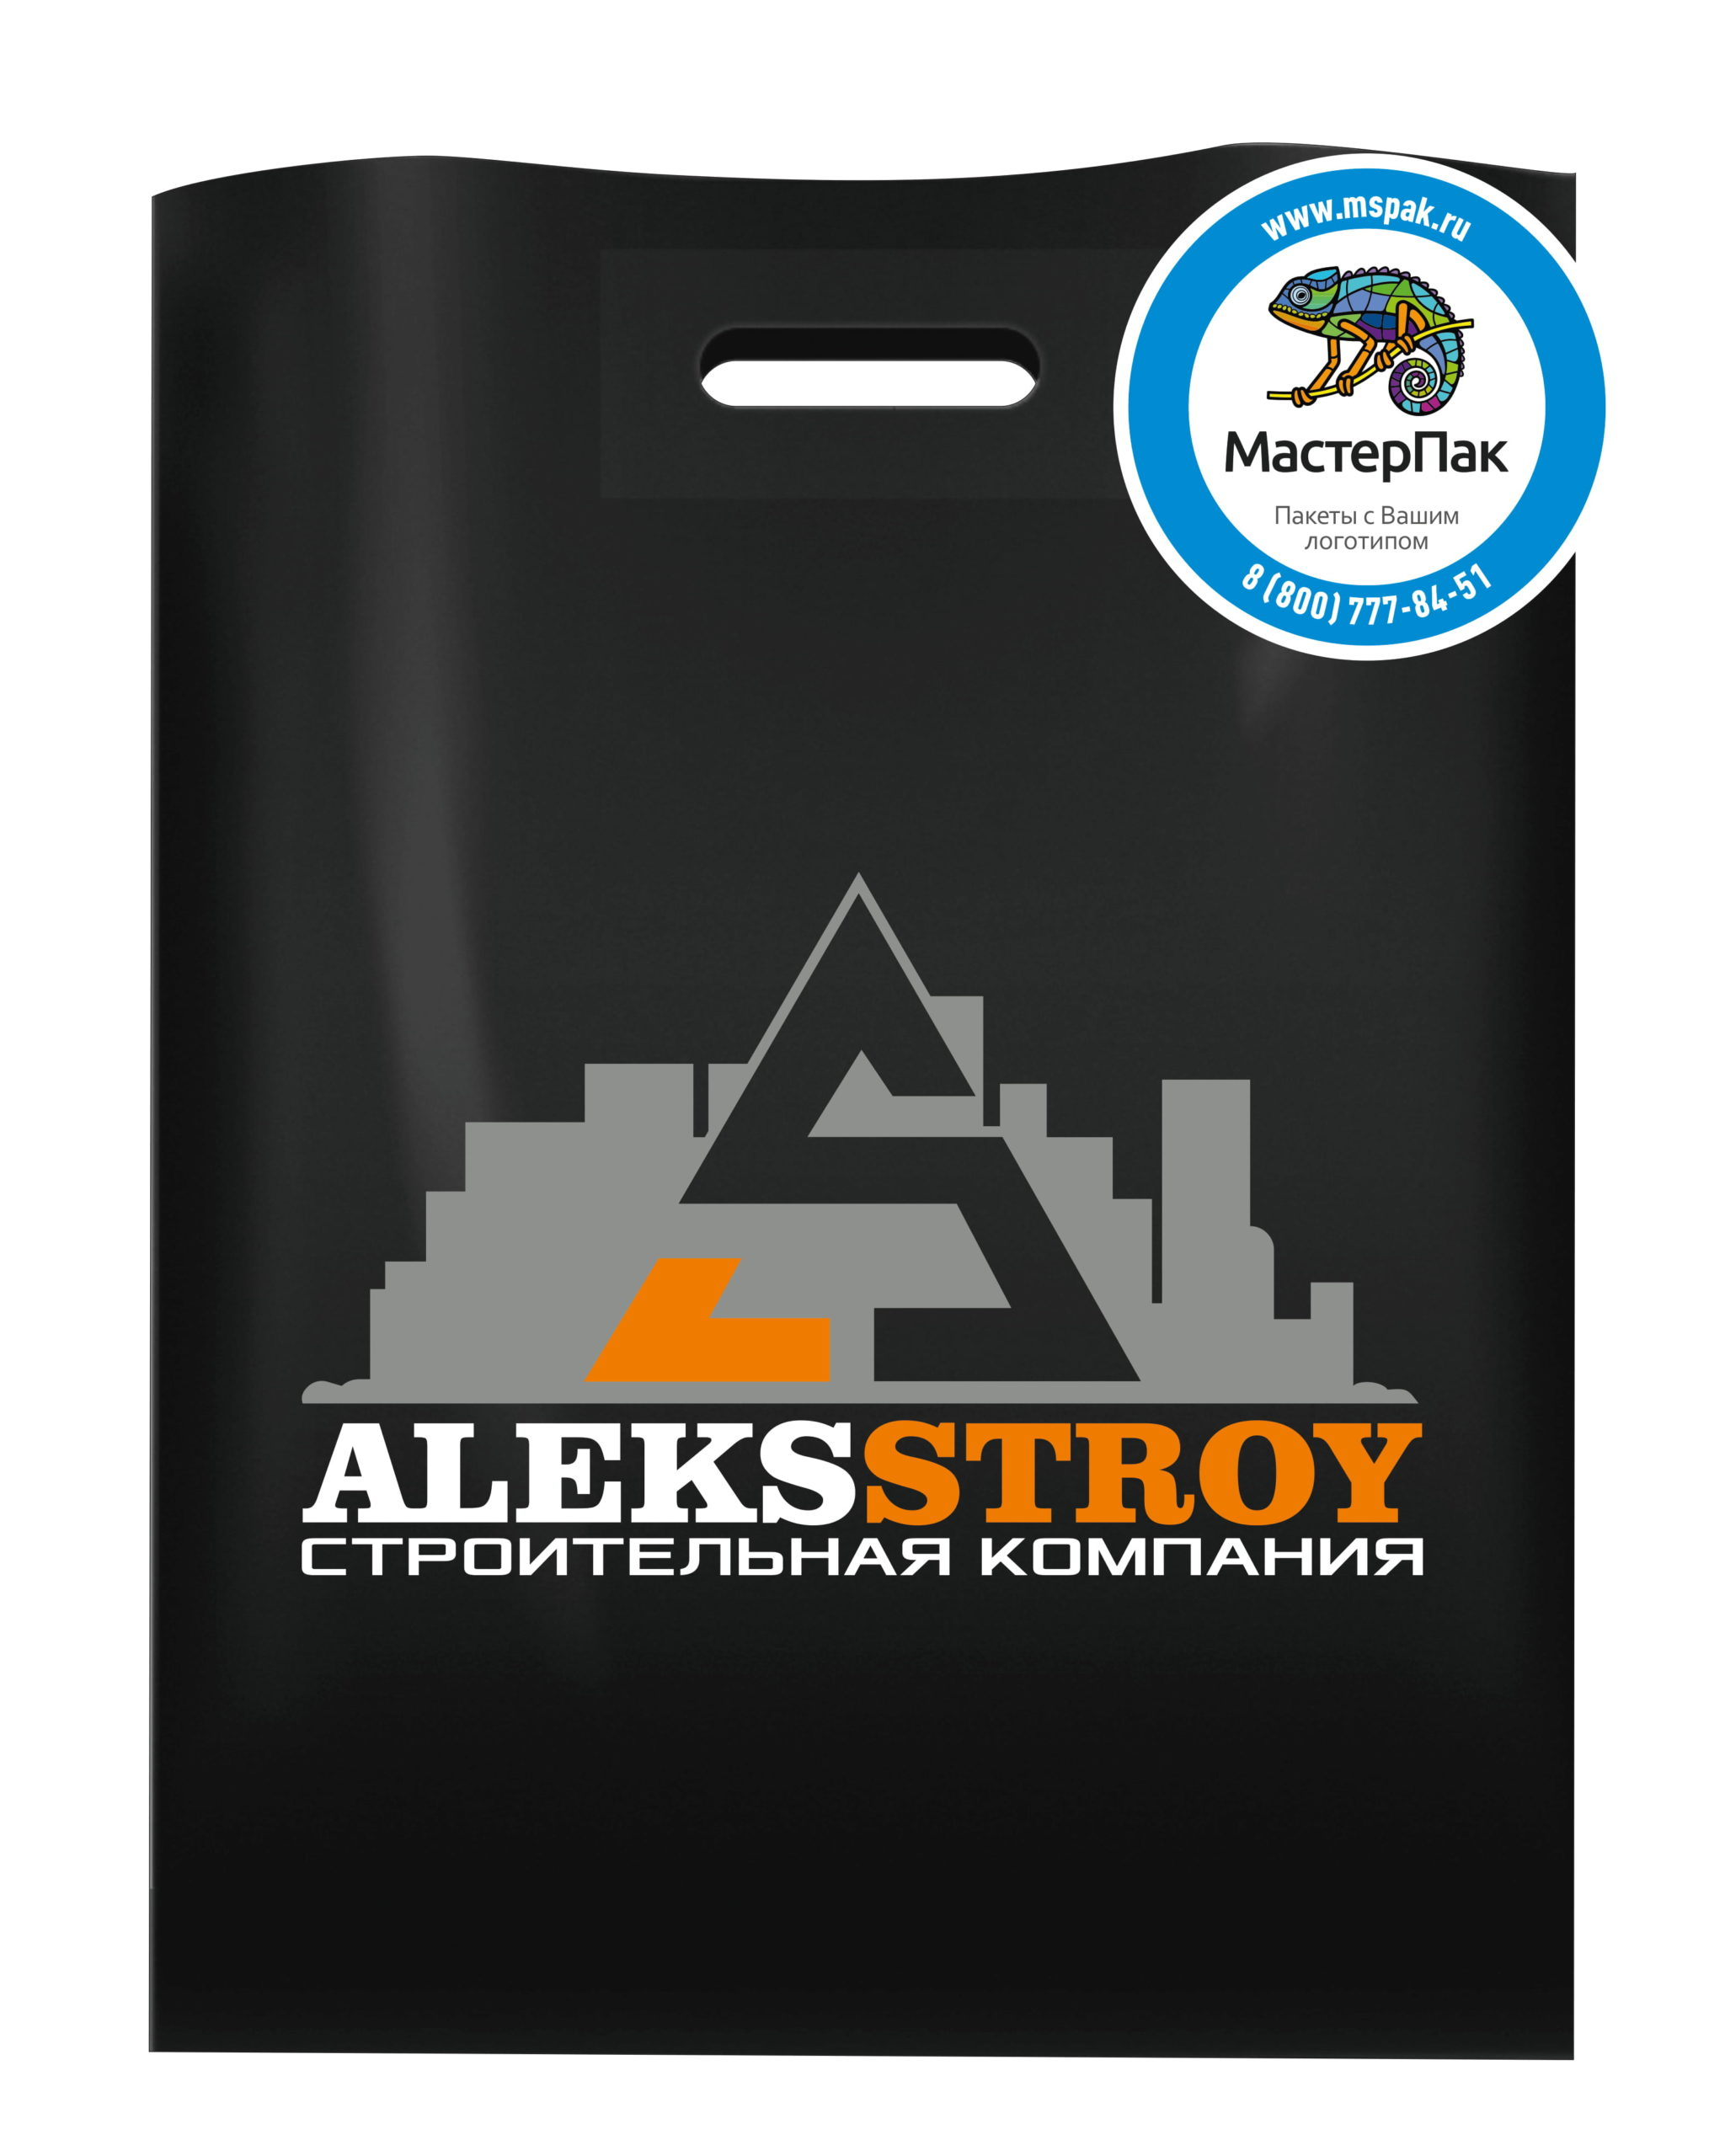 Пакет ПВД с вырубной ручкой и логотипом AleksStroy, Санкт-Петербург, 70 мкм